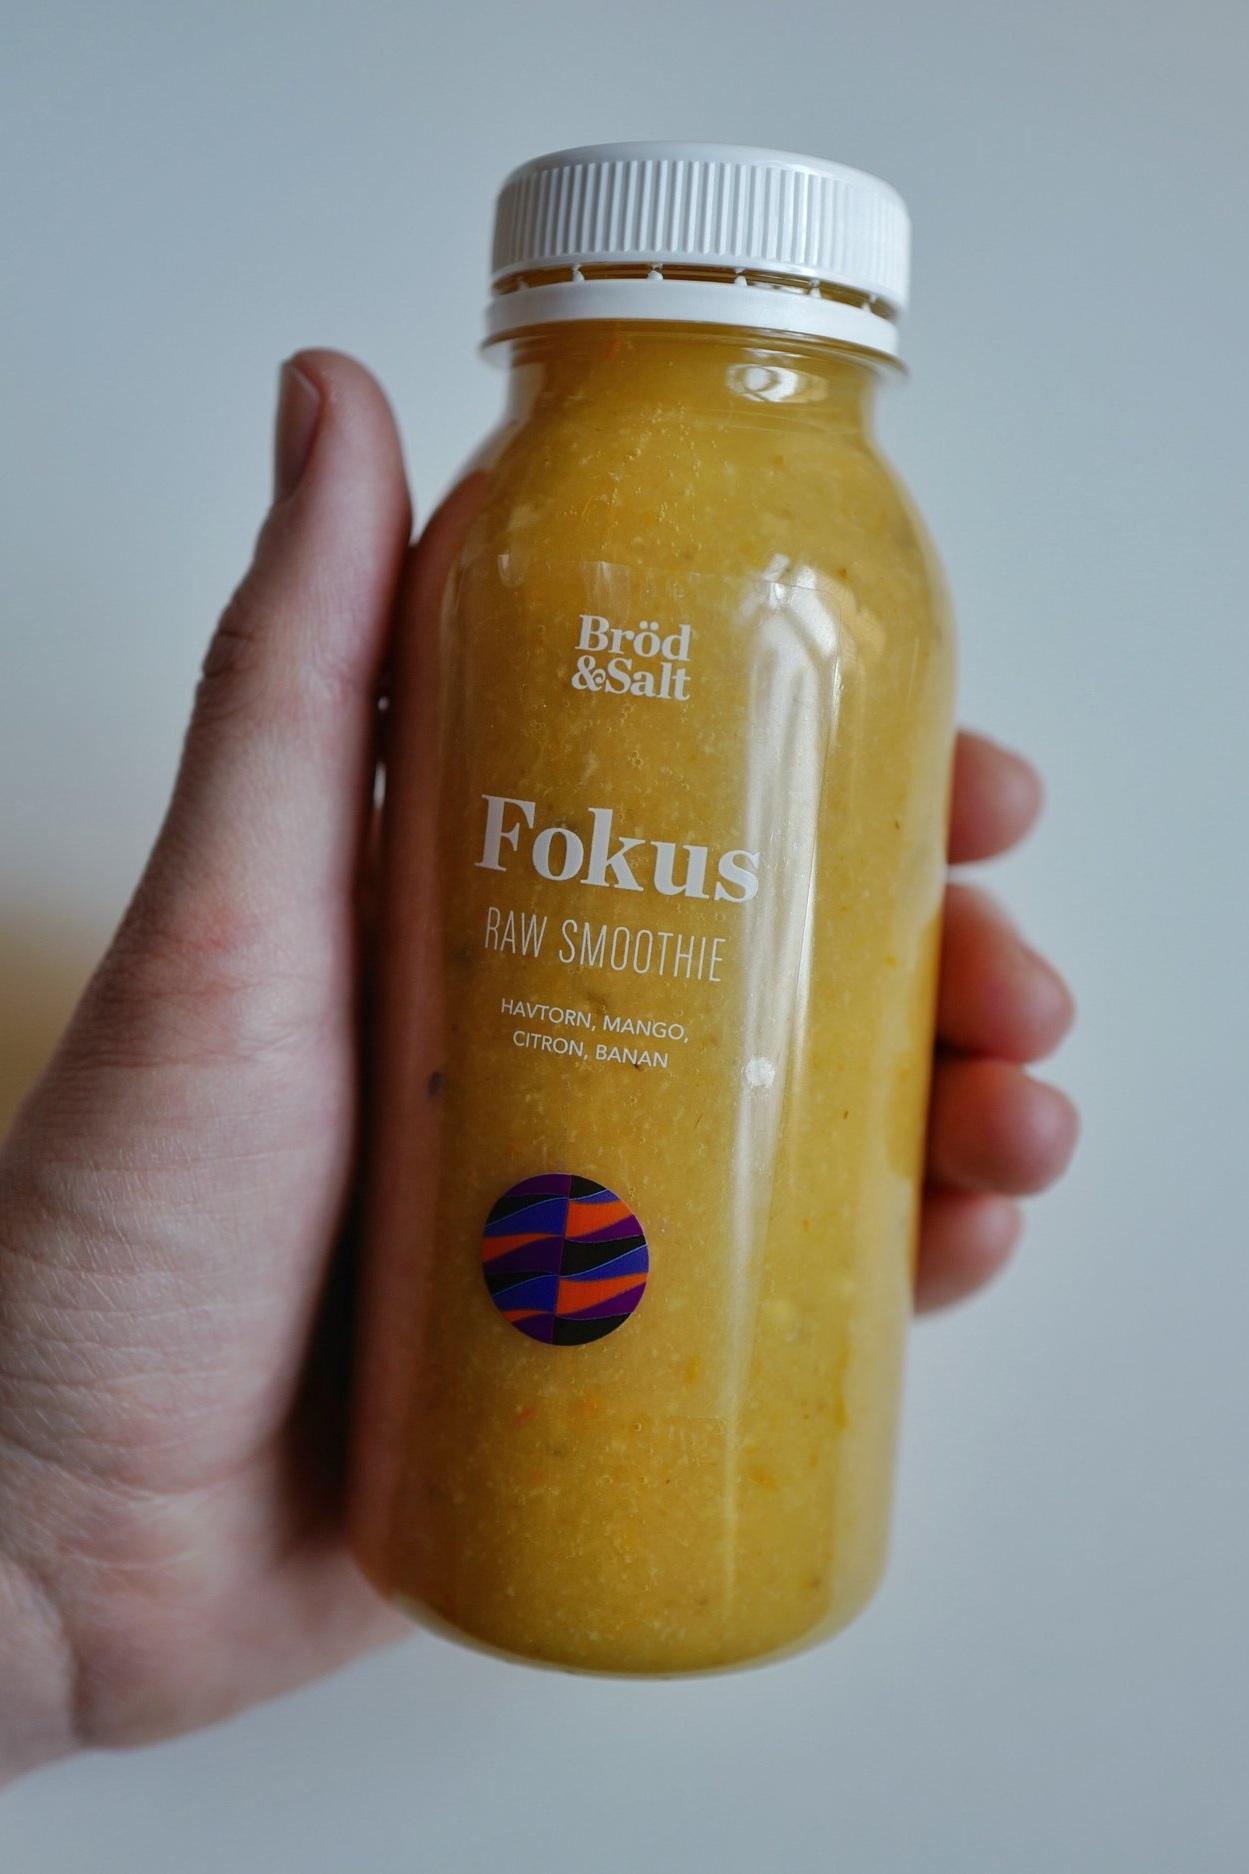 Fokus! Raw Smoothie 45:- - Havtorn, mango, citron, banan